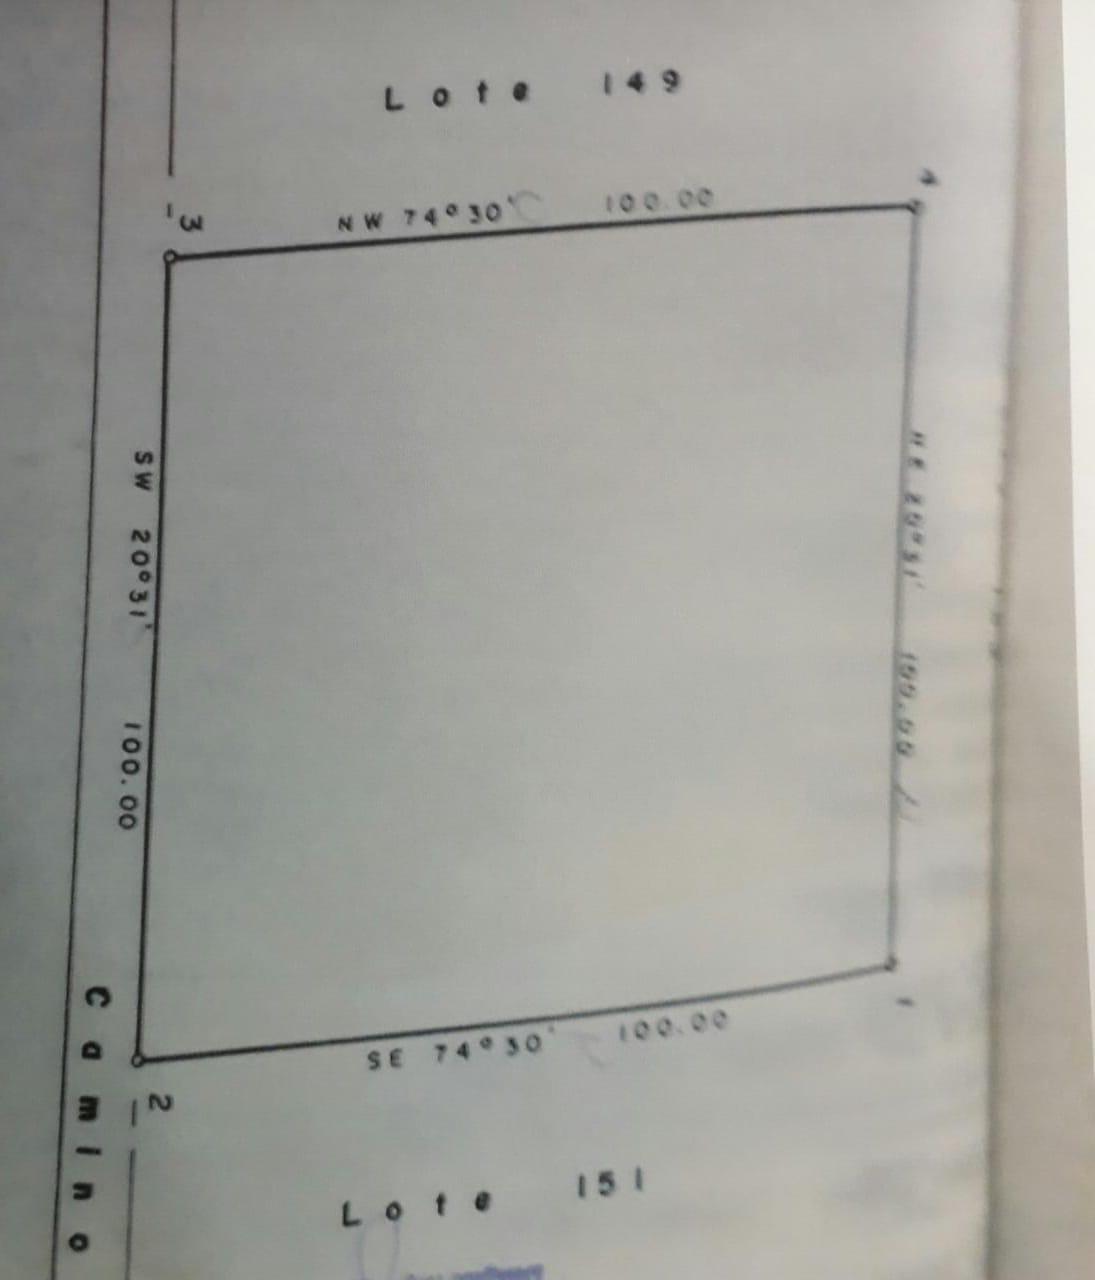 Se vende terreno rústico ubicado en el Lote 150 Granjas Campestres Real del Alamito de Rio Escondido en Piedras Negras, Coahuila (VT #123/18)